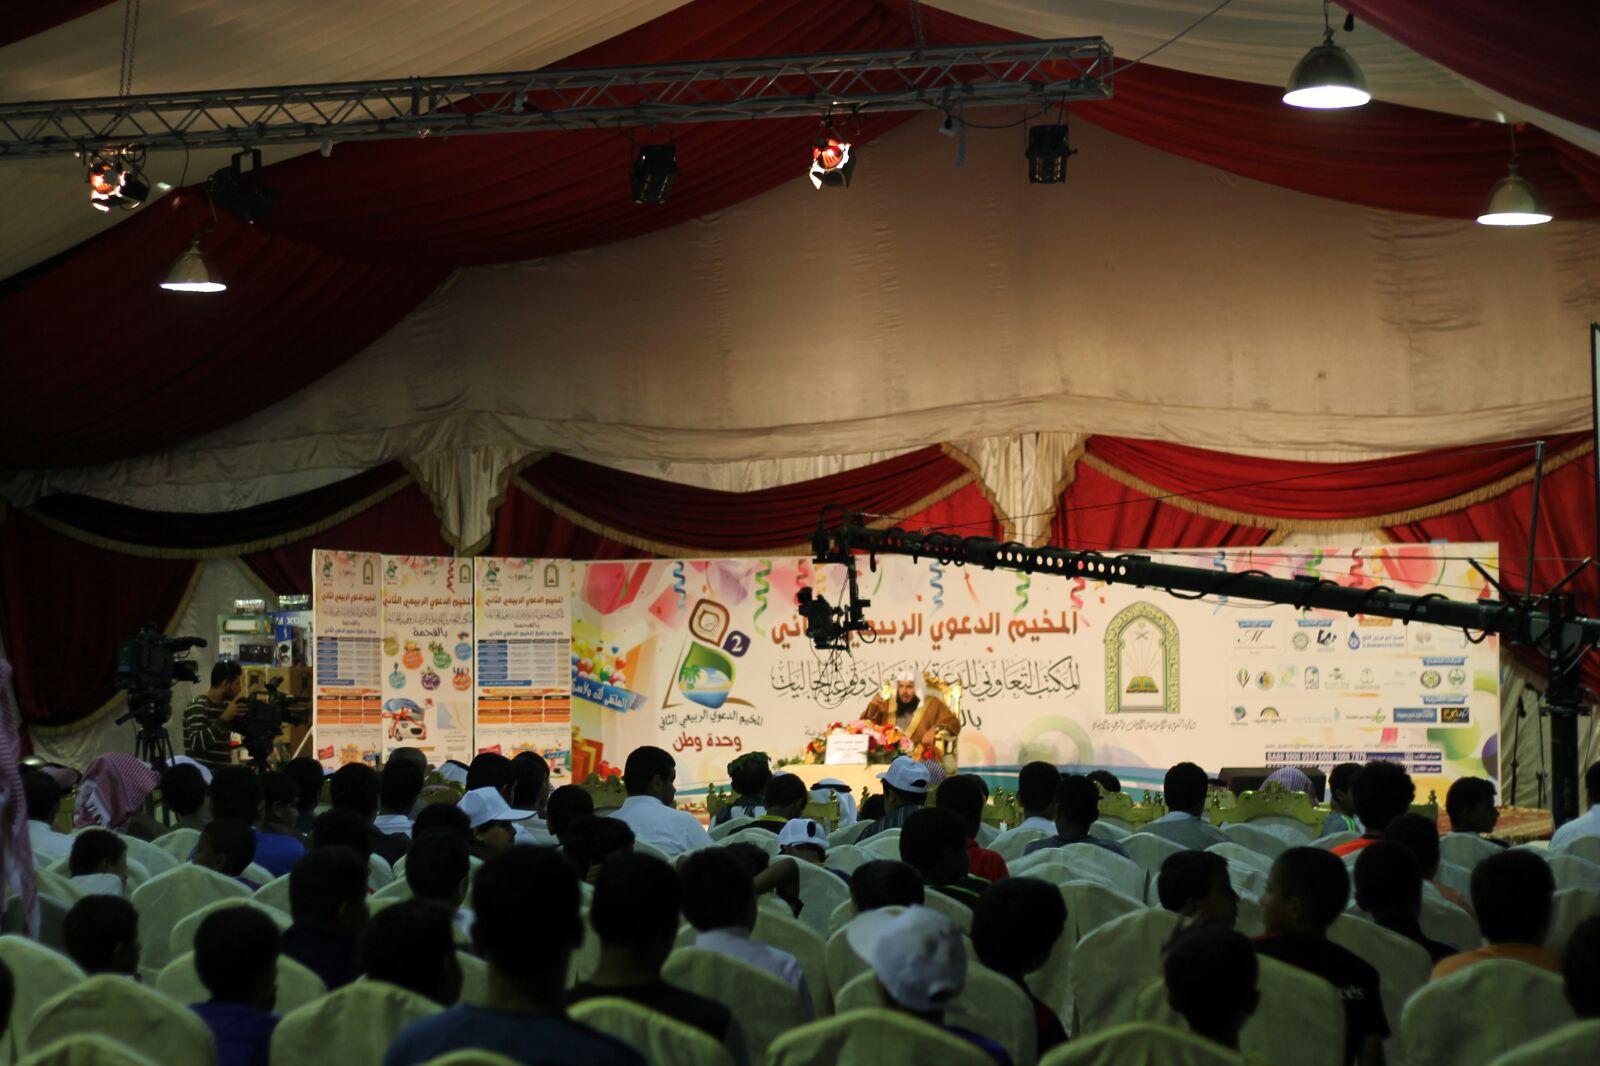 مهرجان الربيع بالقمحة يقيم محاضرات ومسابقات ترفيهية (4)